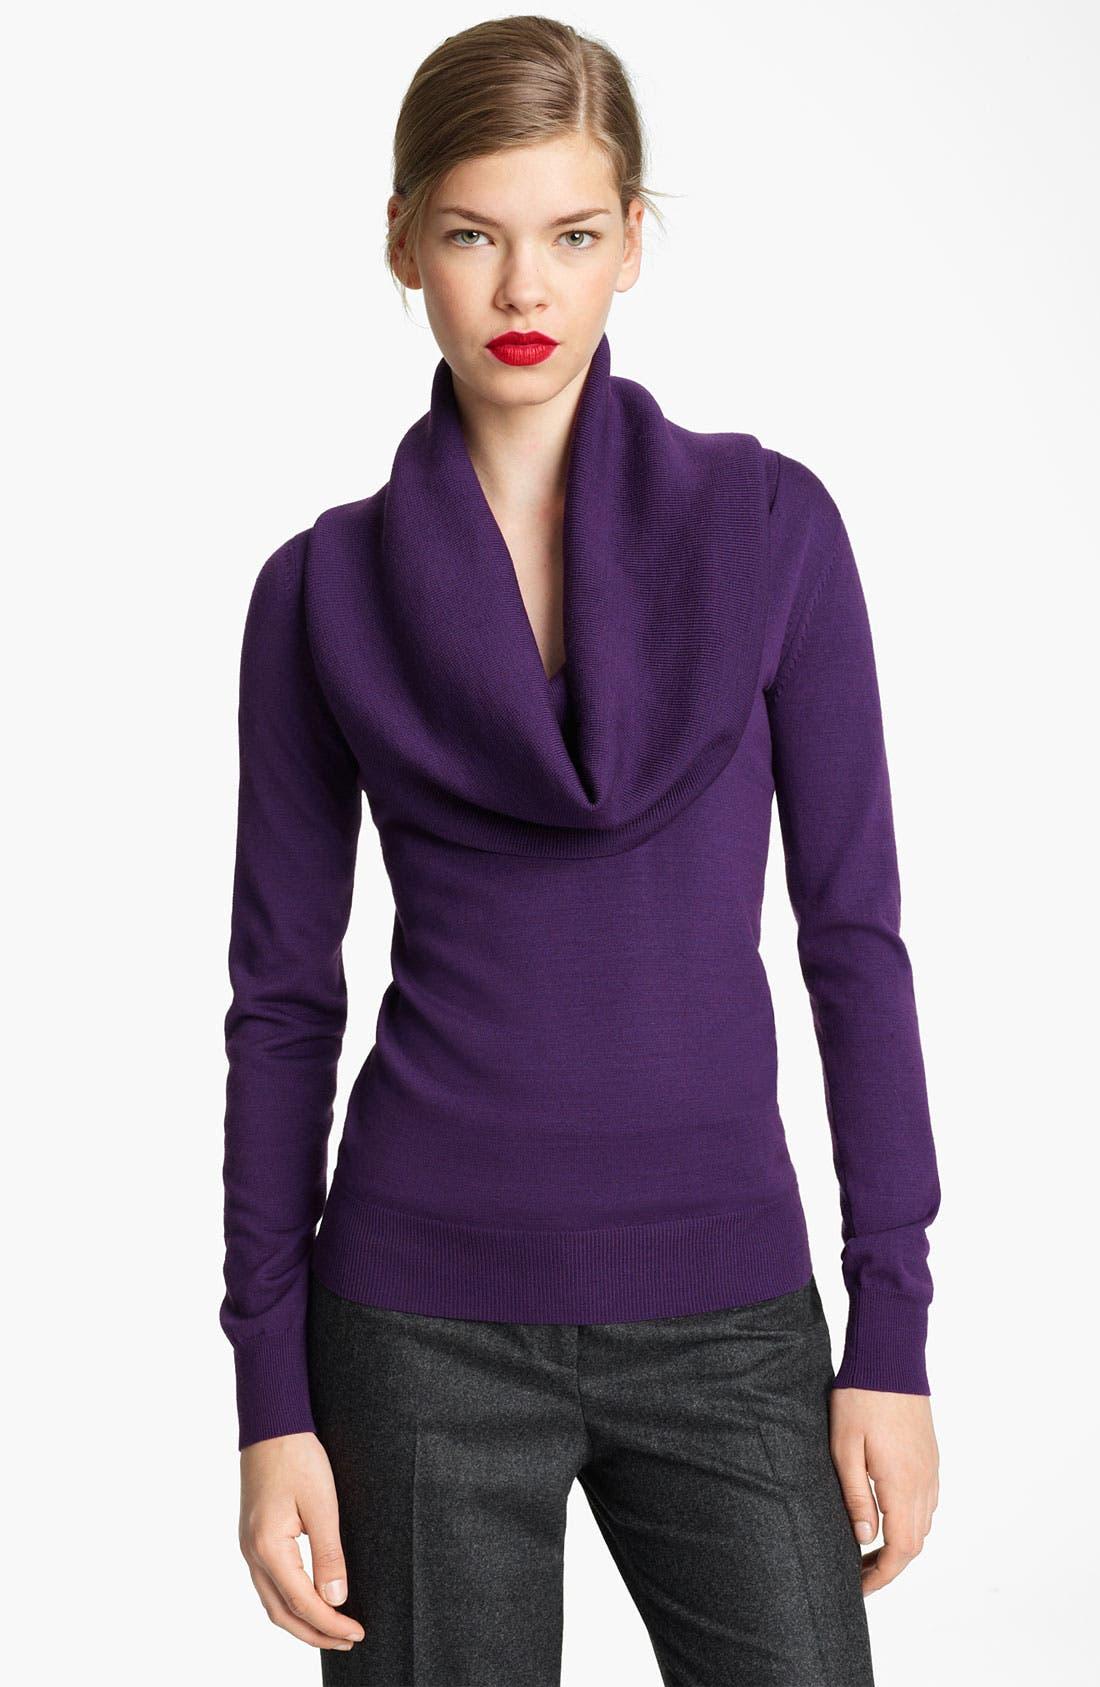 Main Image - Michael Kors Cowl Neck Merino Wool Sweater